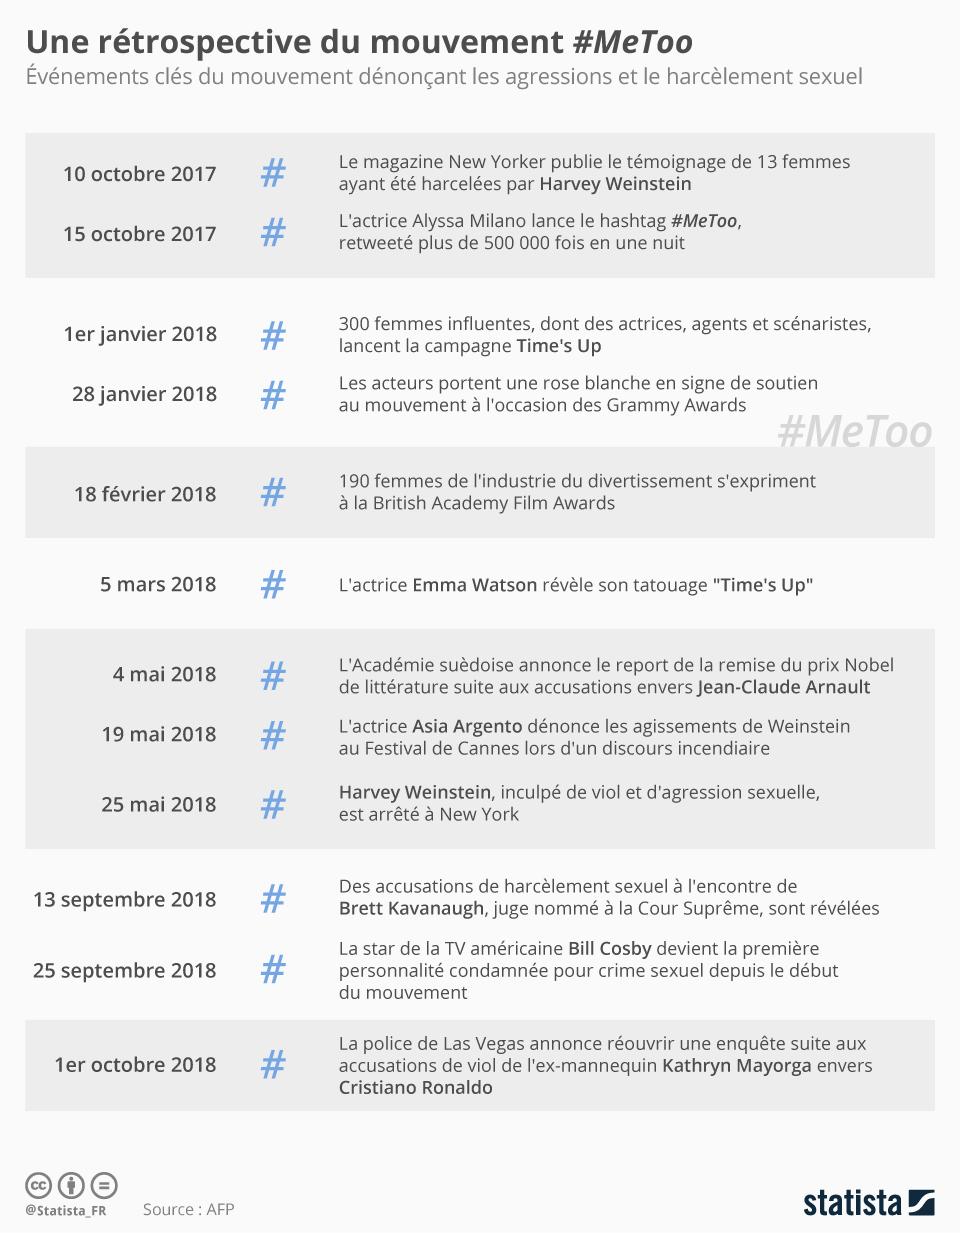 Infographie: Une rétrospective du mouvement #MeToo | Statista